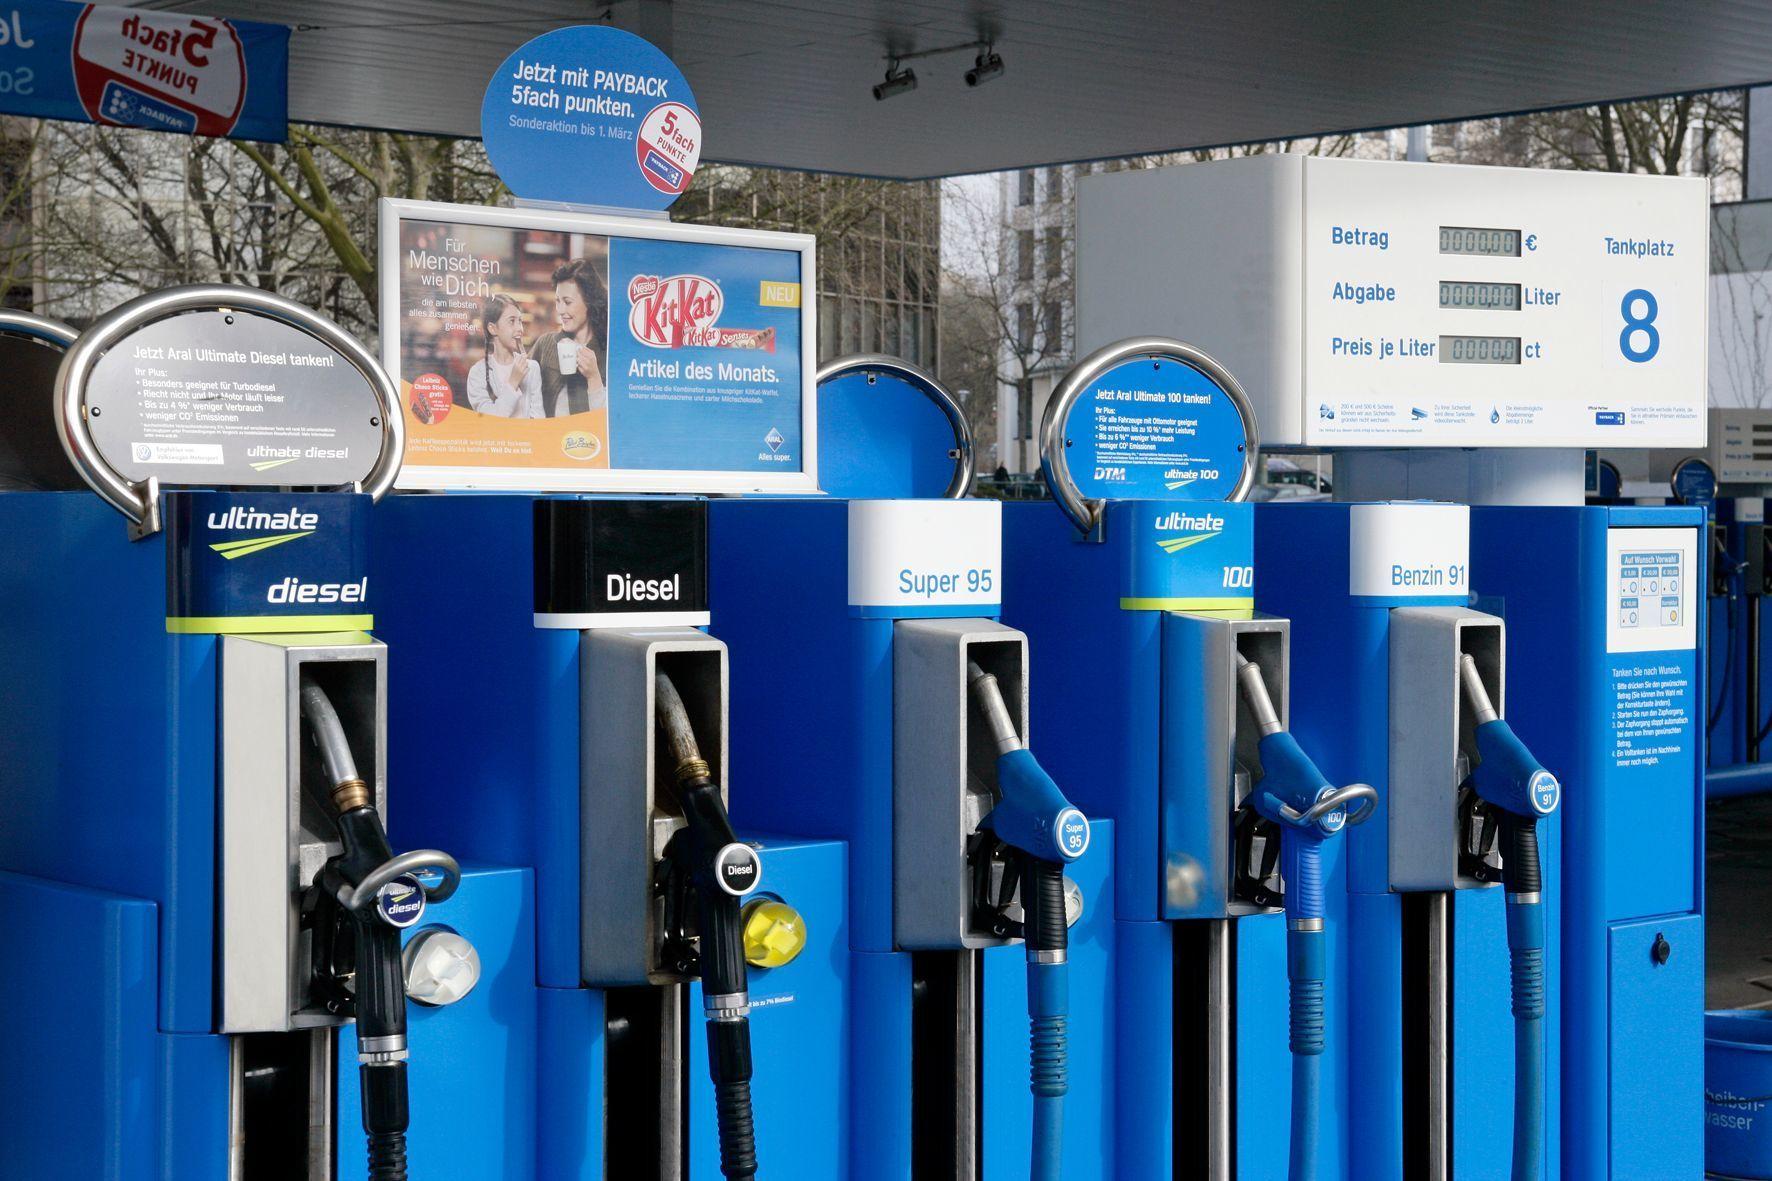 mid Groß-Gerau - Autofahrer nutzen die Tagesschwankungen bei Kraftstoffpreisen dank Vergleichsmöglichkeiten durch die Markttransparenzstelle mittlerweile zu ihrem Vorteil.